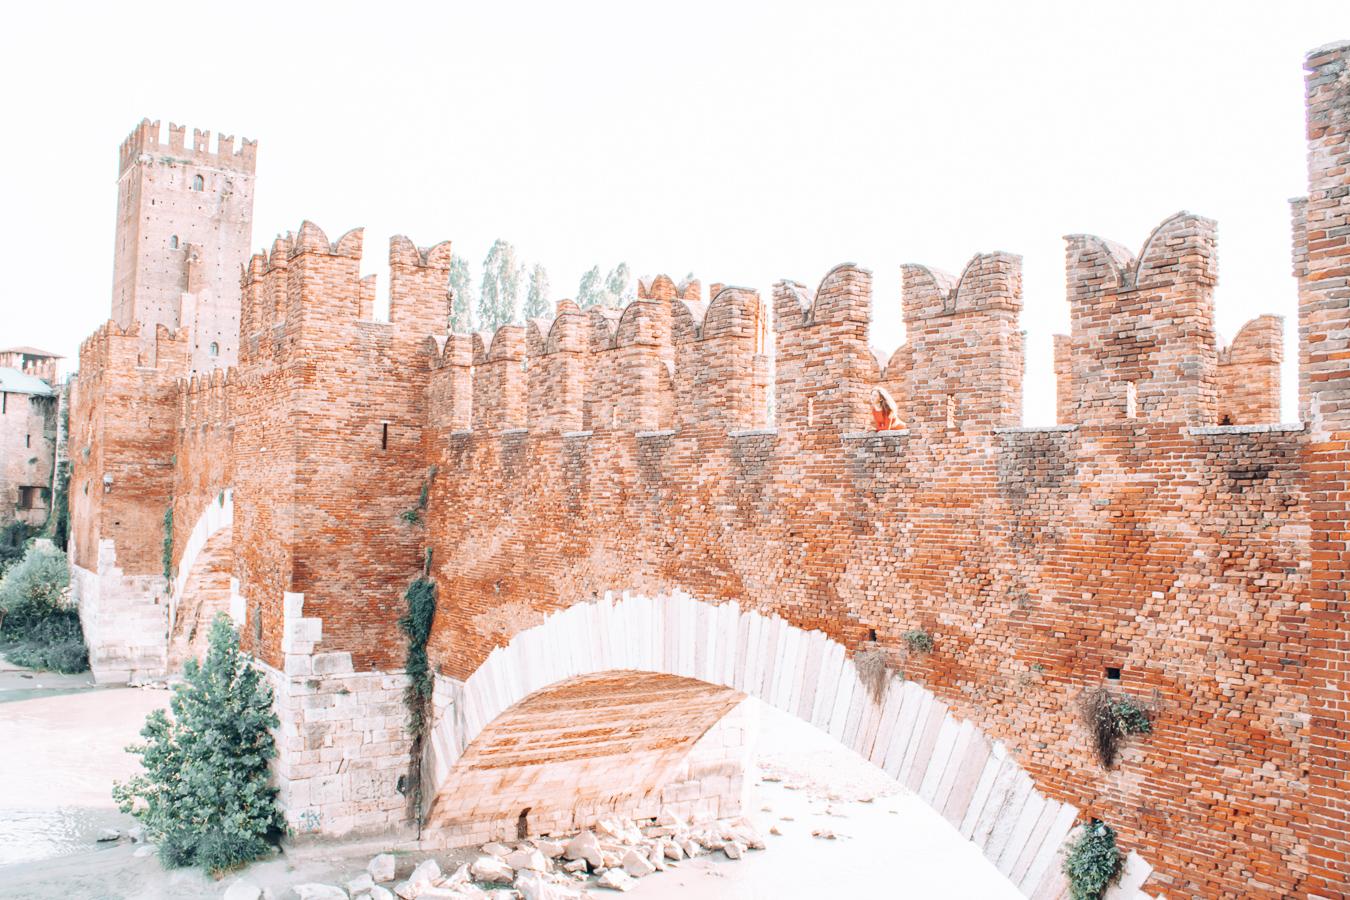 A view of the Castelvecchio Bridge